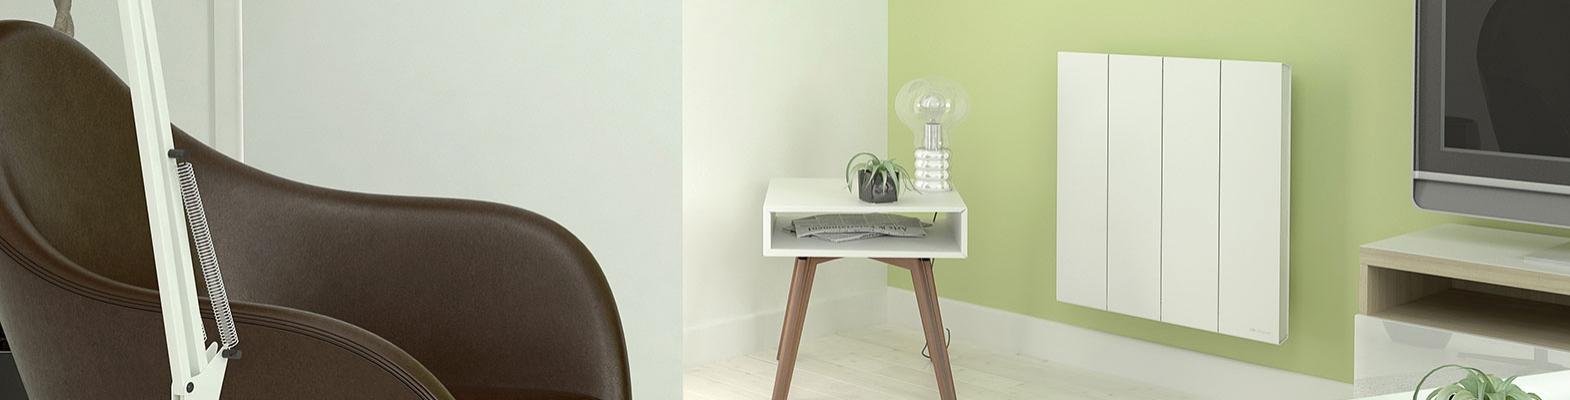 5 id es re ues sur le chauffage lectrique aquitaine. Black Bedroom Furniture Sets. Home Design Ideas